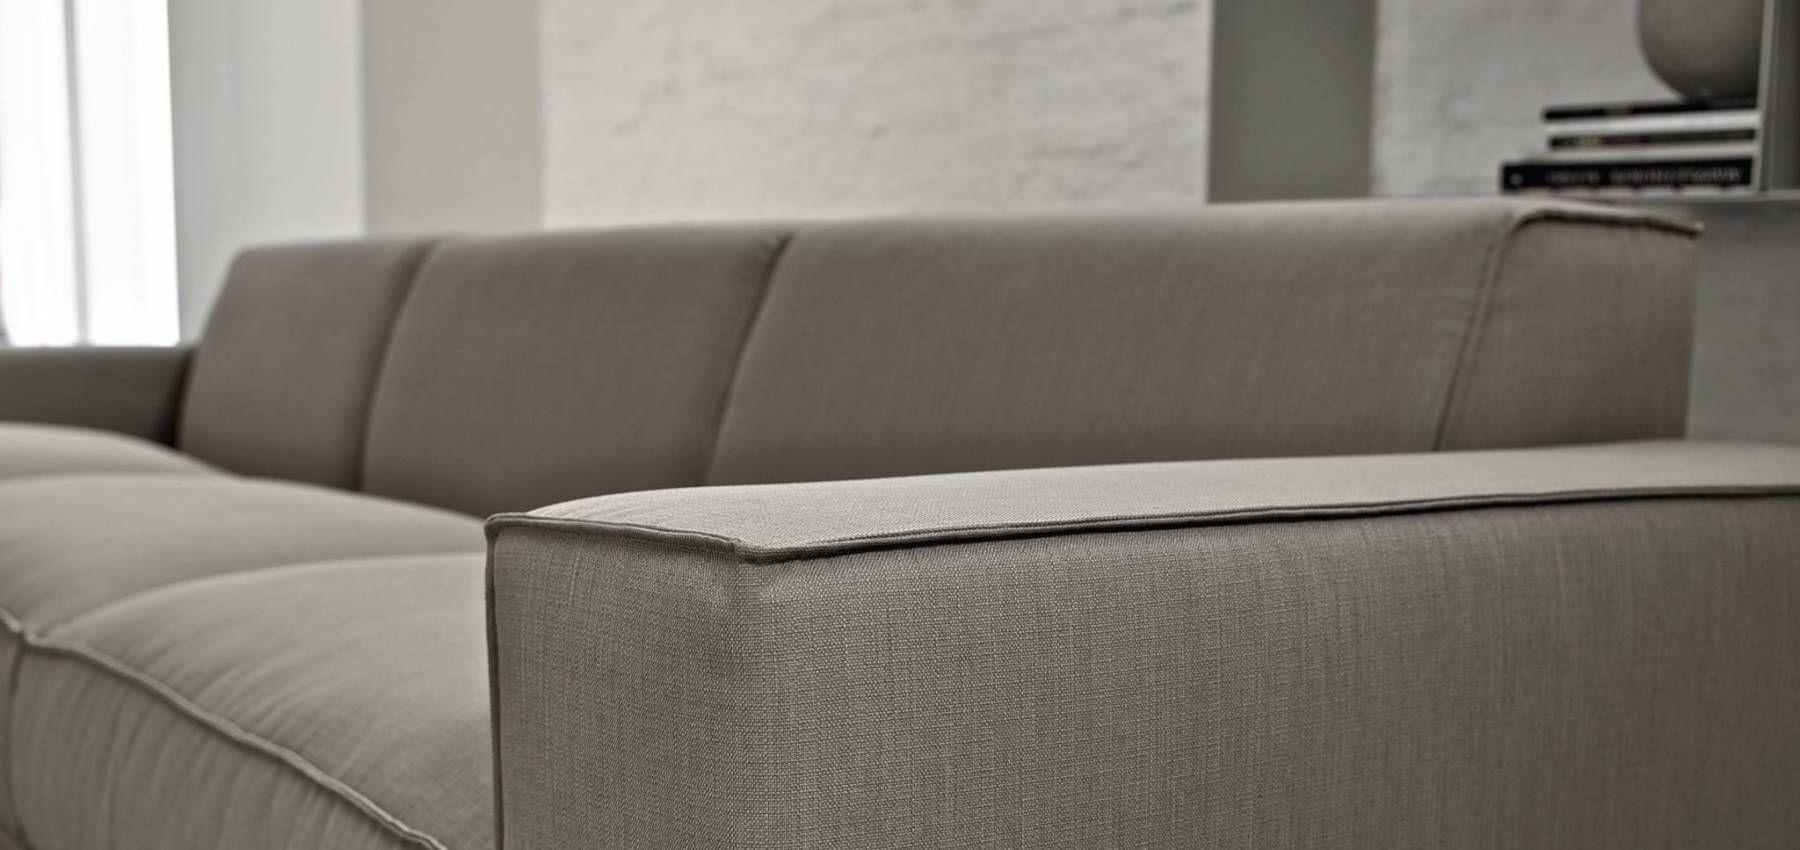 Steven Doimo Salotti Comfortable Seat Cushions Con Immagini